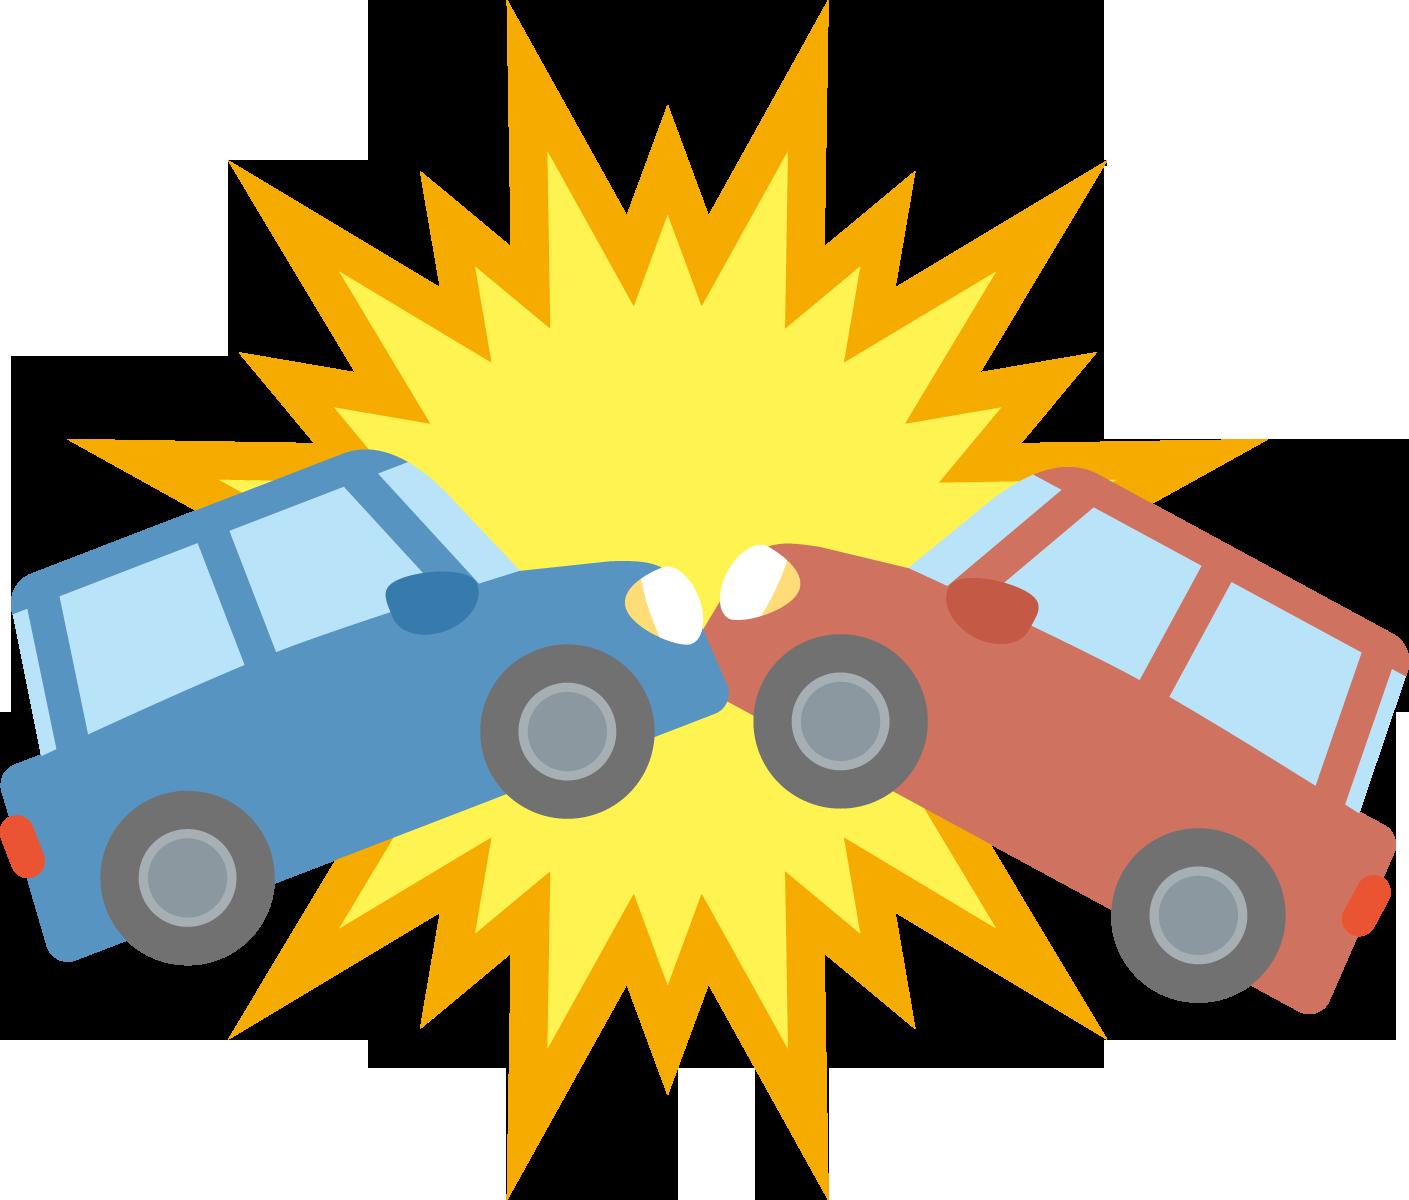 事故のイラスト